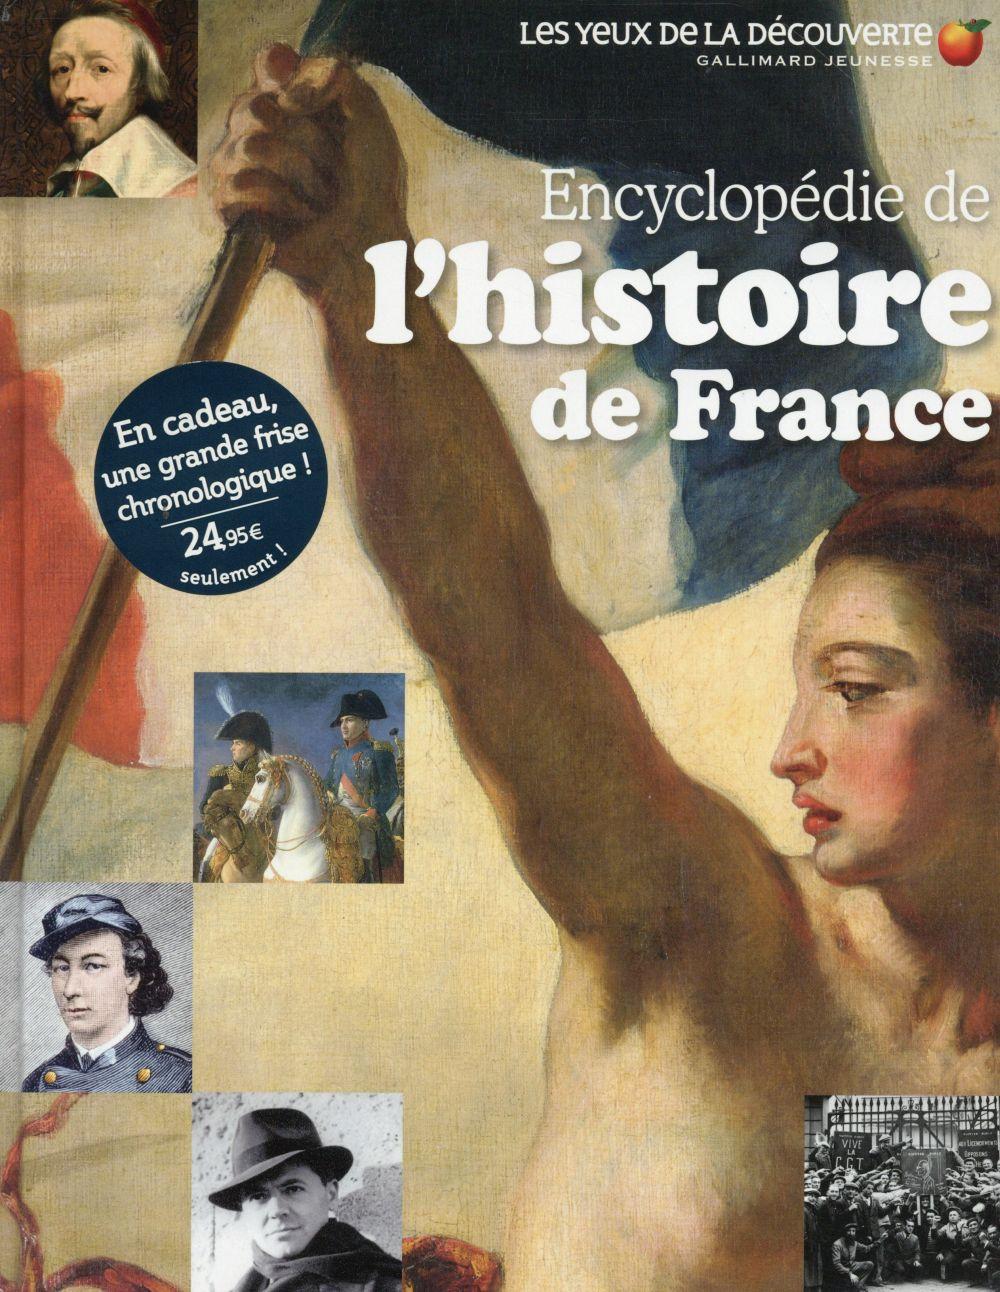 ENCYCLOPEDIE DE L'HISTOIRE DE FRANCE